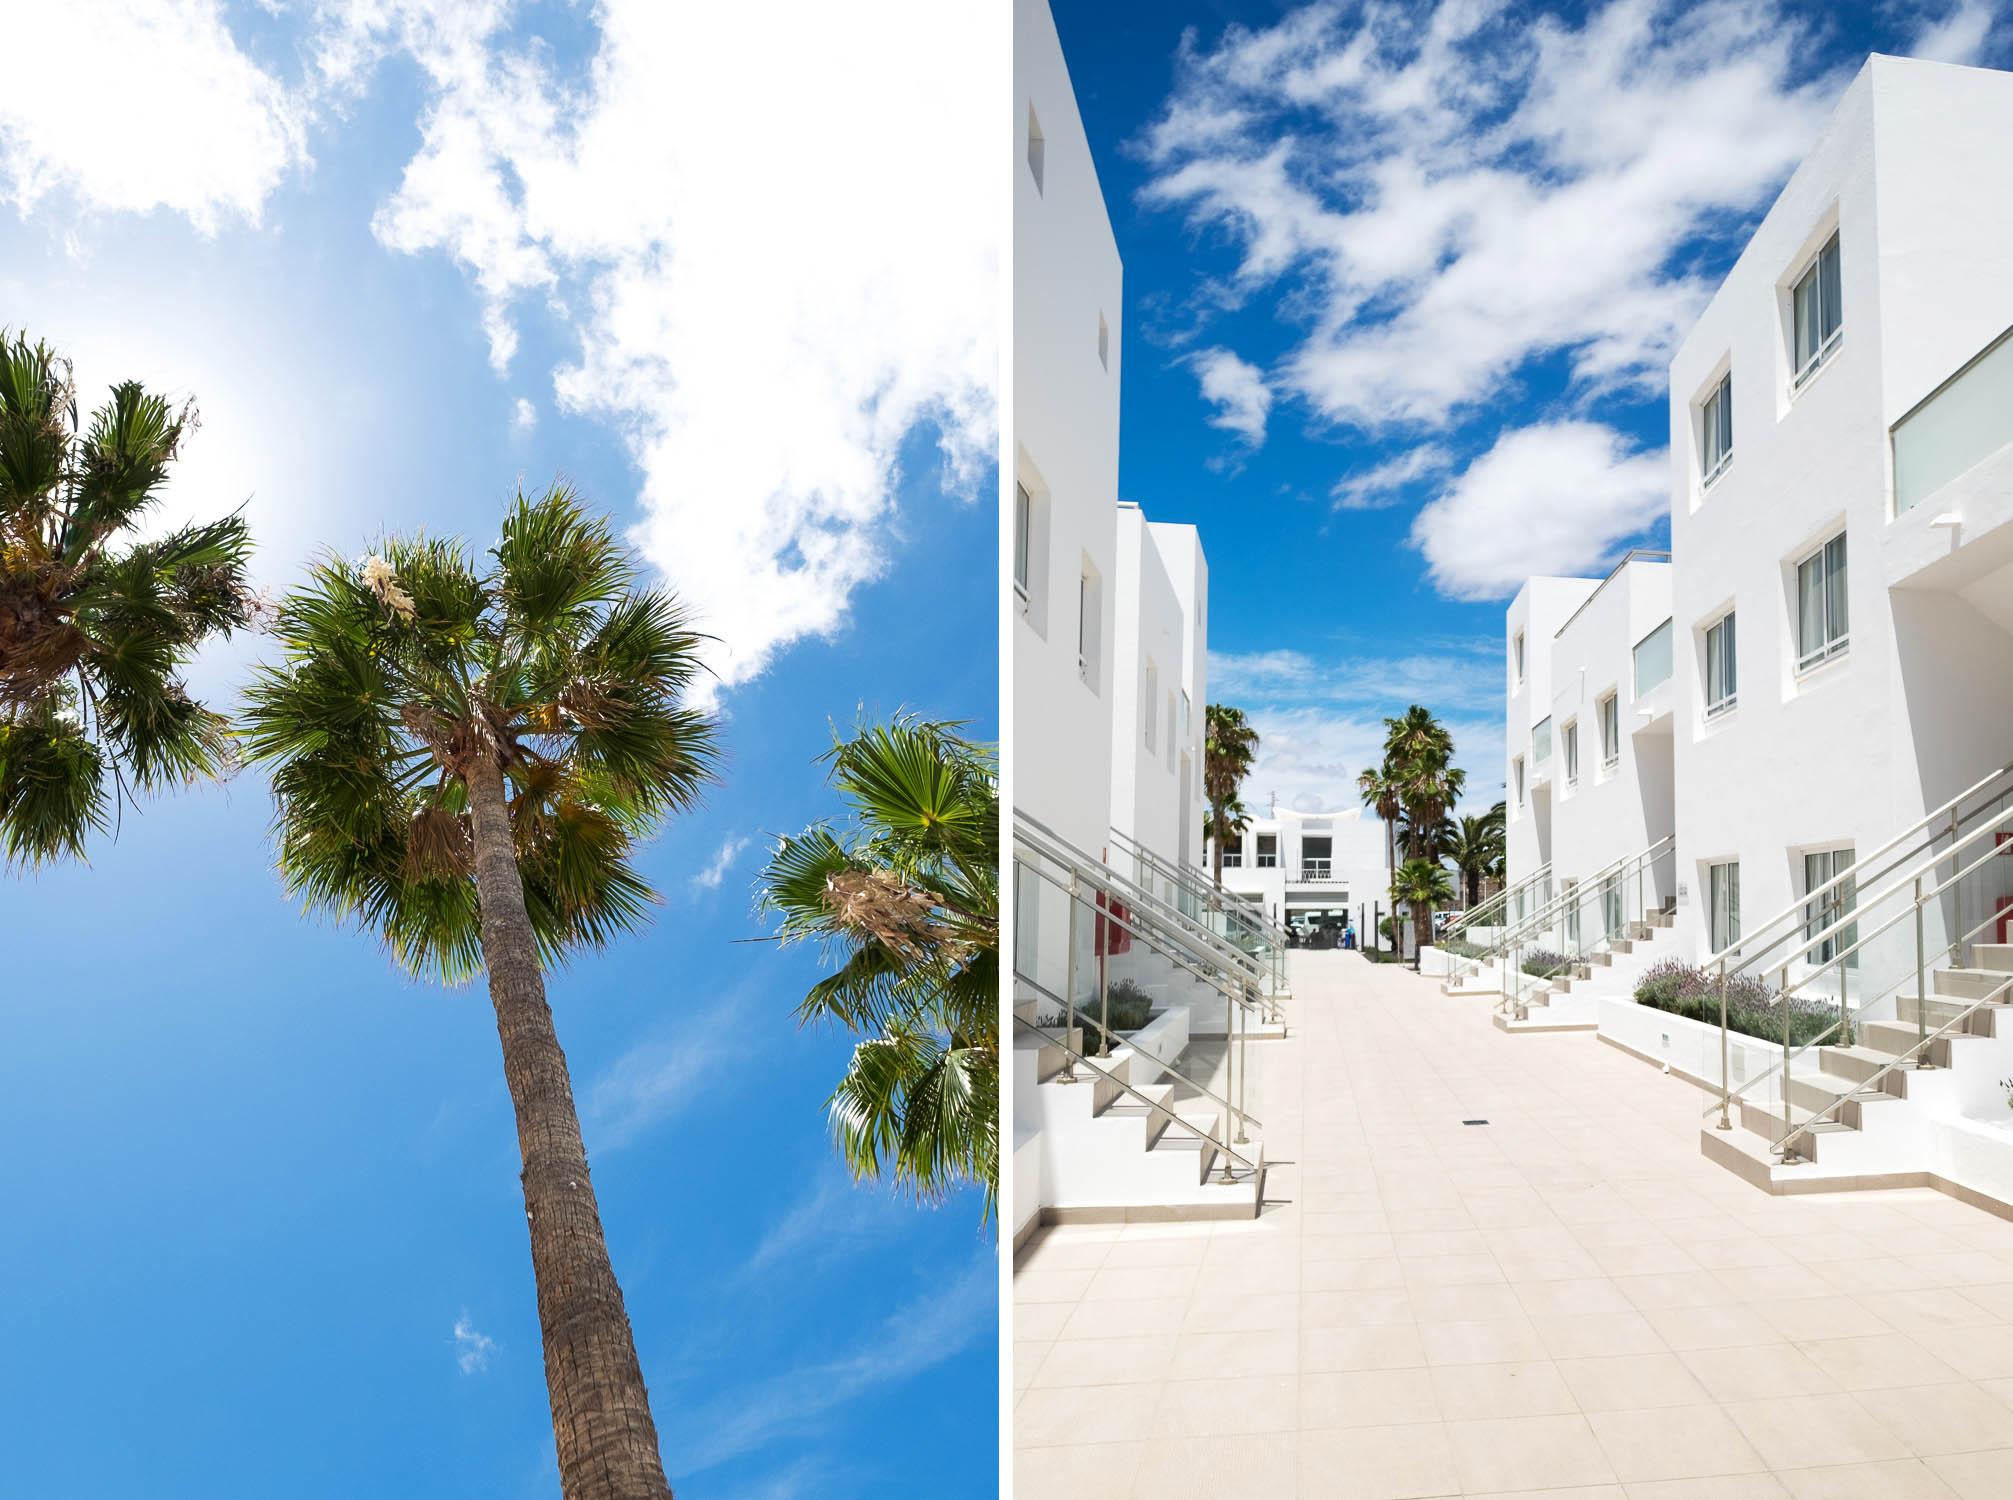 Sentido Aequora Apartments in Lanzarote, Canary Islands